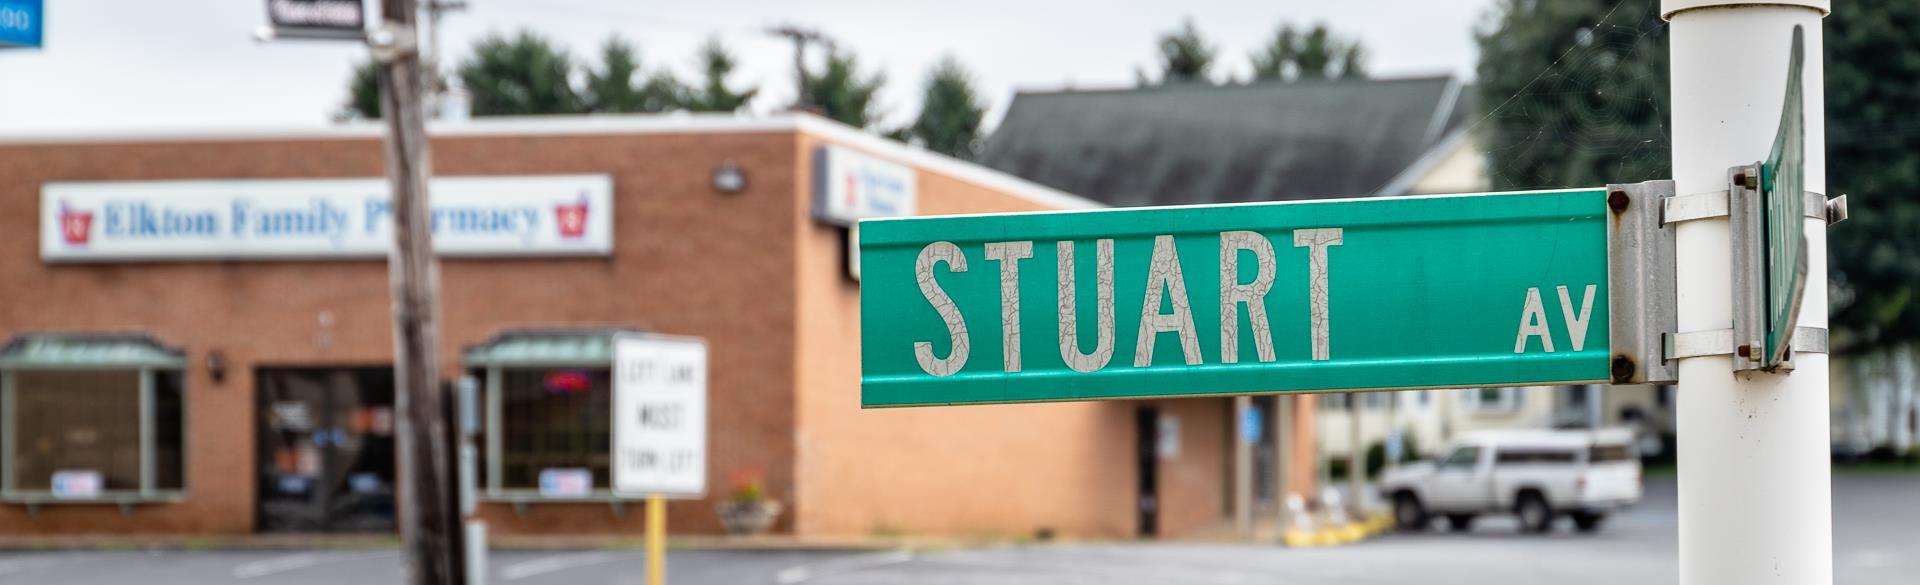 203 South Stuart Avenue